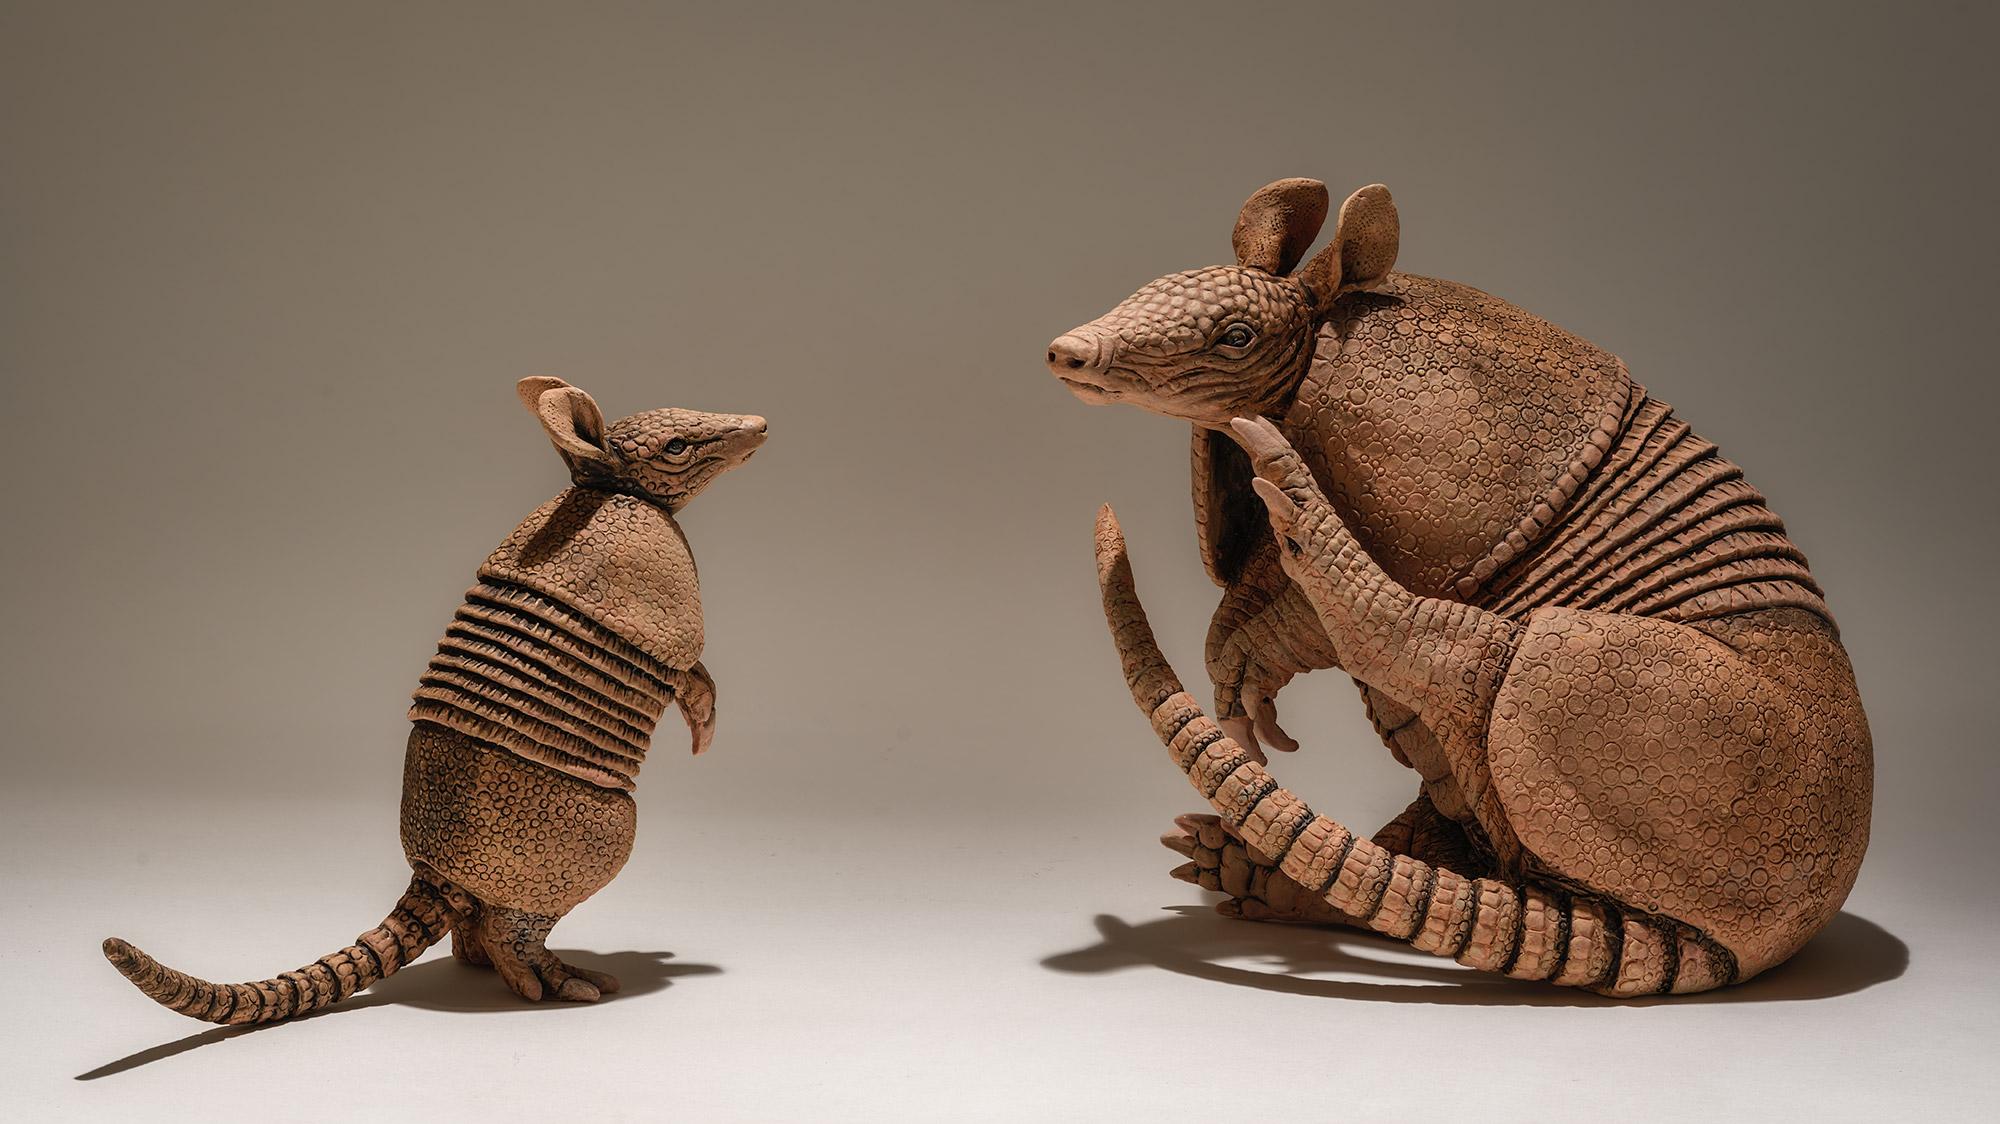 Armadillo Sculptures